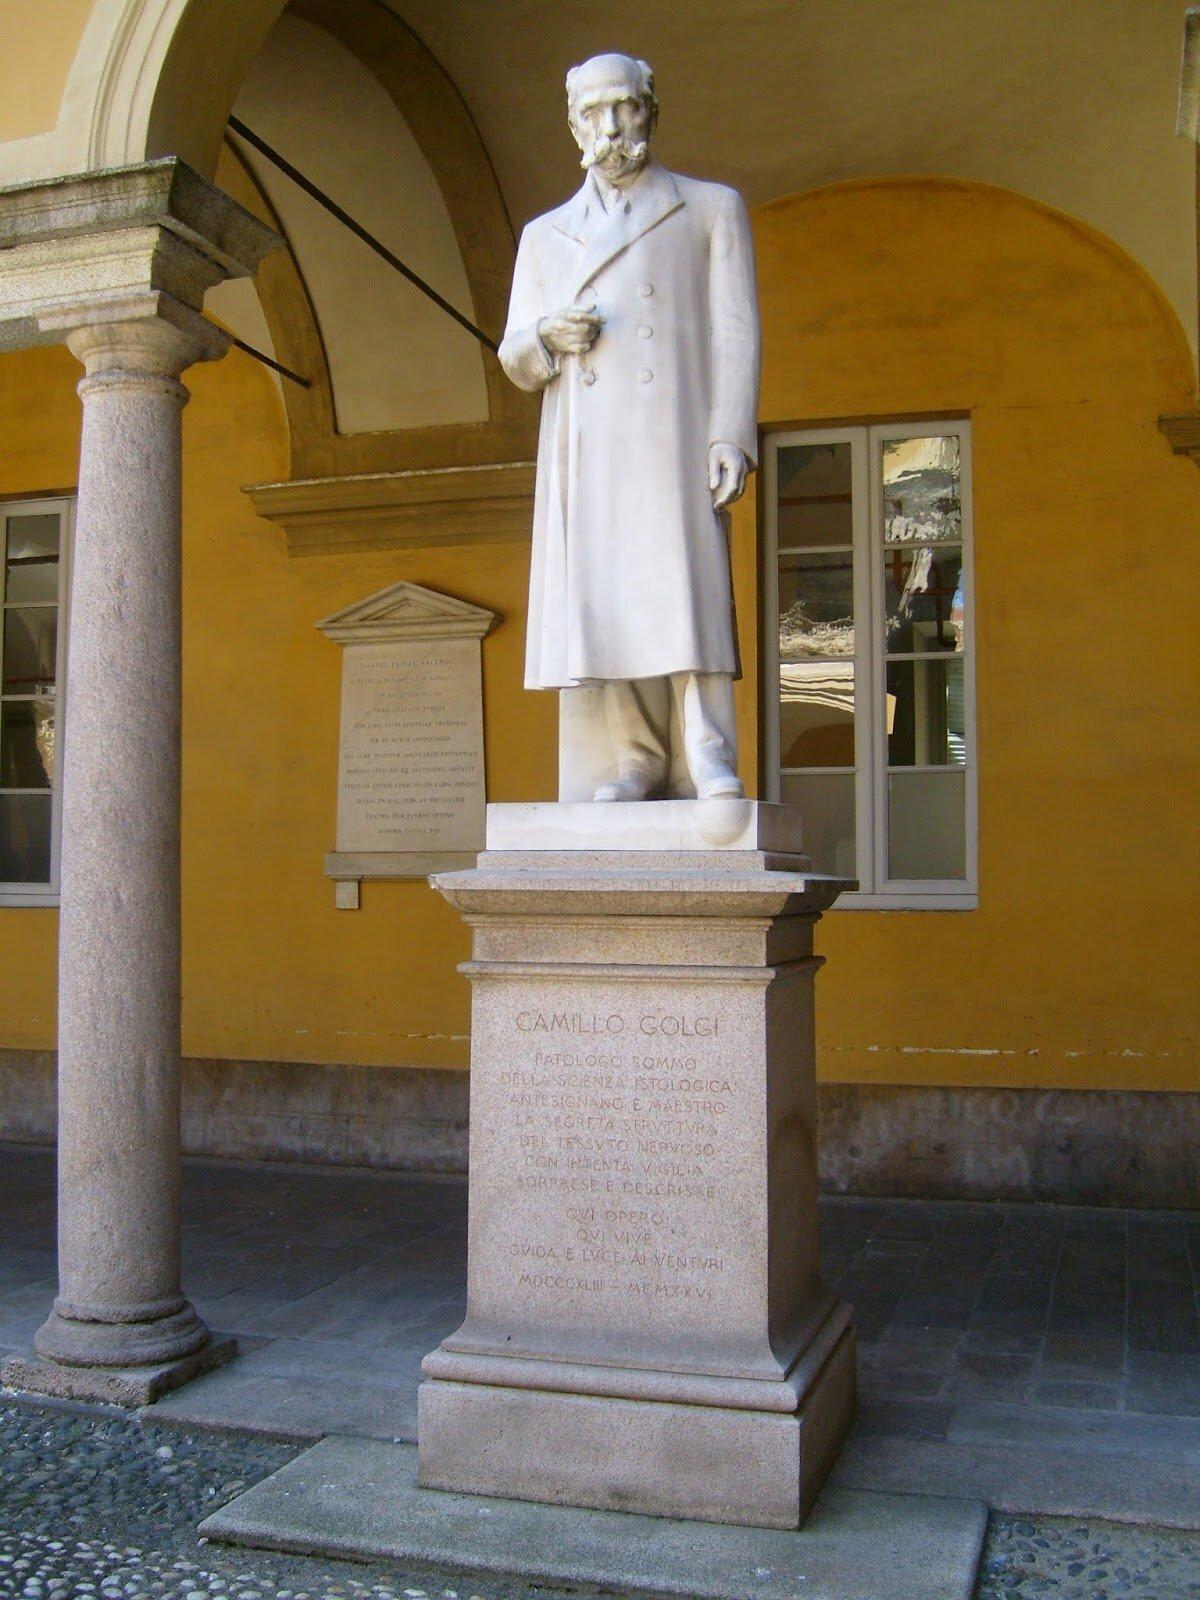 Camillo_Golgi's_statue,_Pavia,_Italy_1.jpg